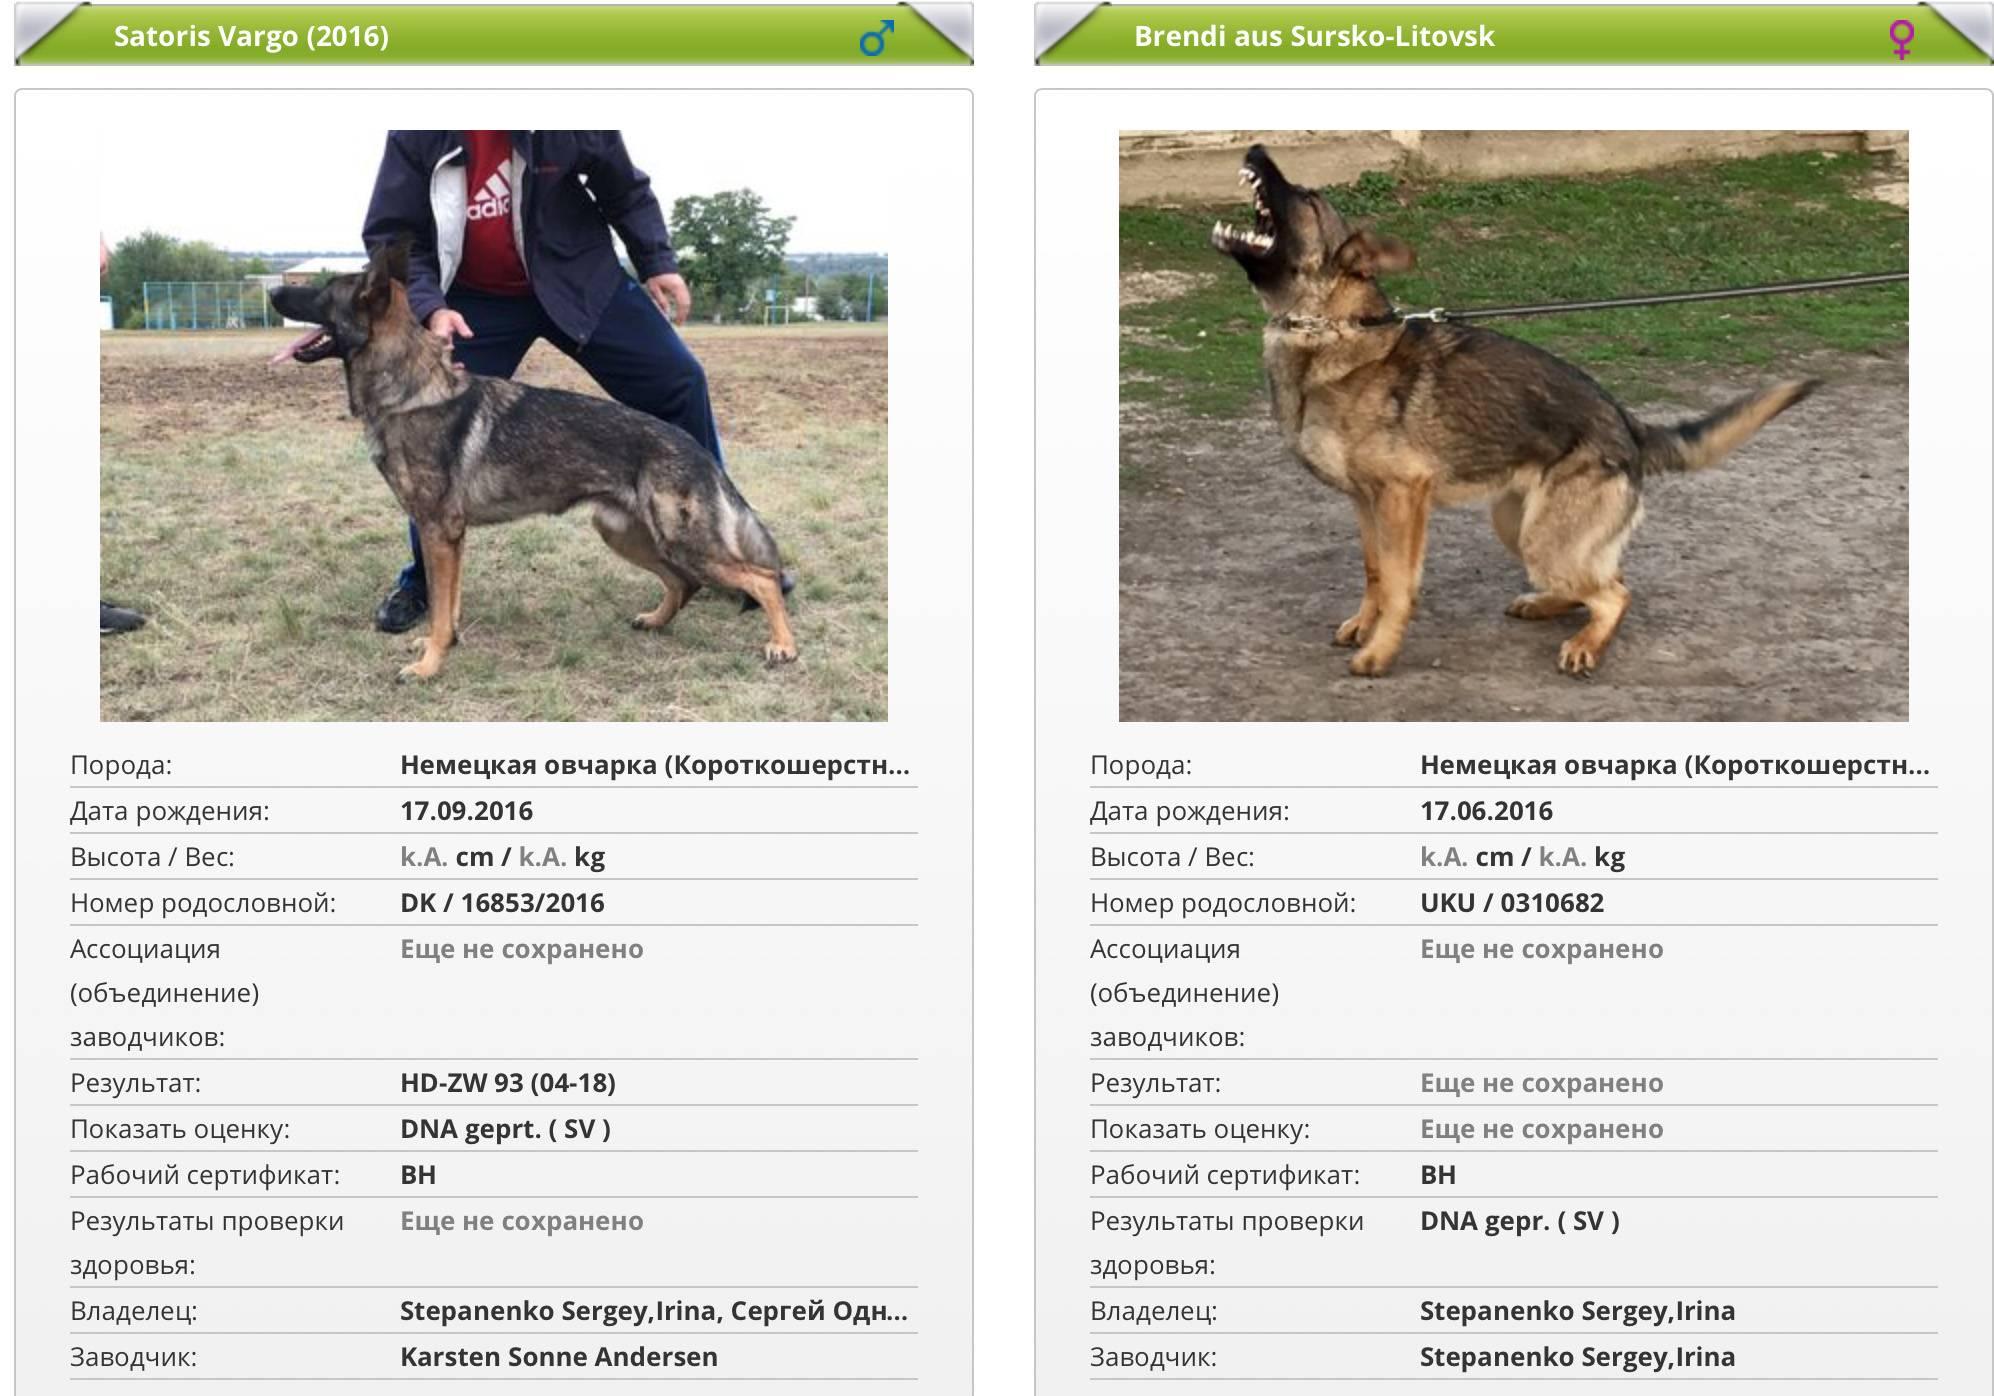 Вес немецкой овчарки в 2 месяца и до года. стандарты в 2, 3, 4, 5 месяцев вес немецкой овчарки и даже новорожденного щенка (по неделям)